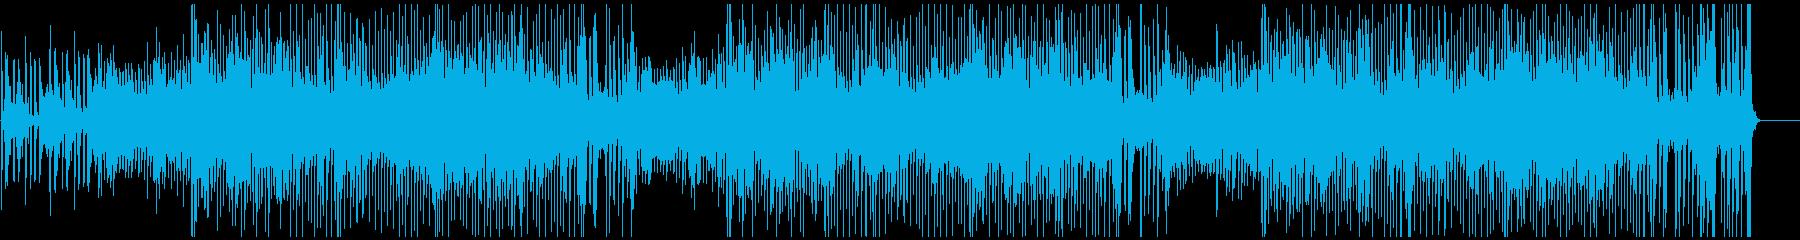 8ビート乗せた明るいインスト曲です。の再生済みの波形